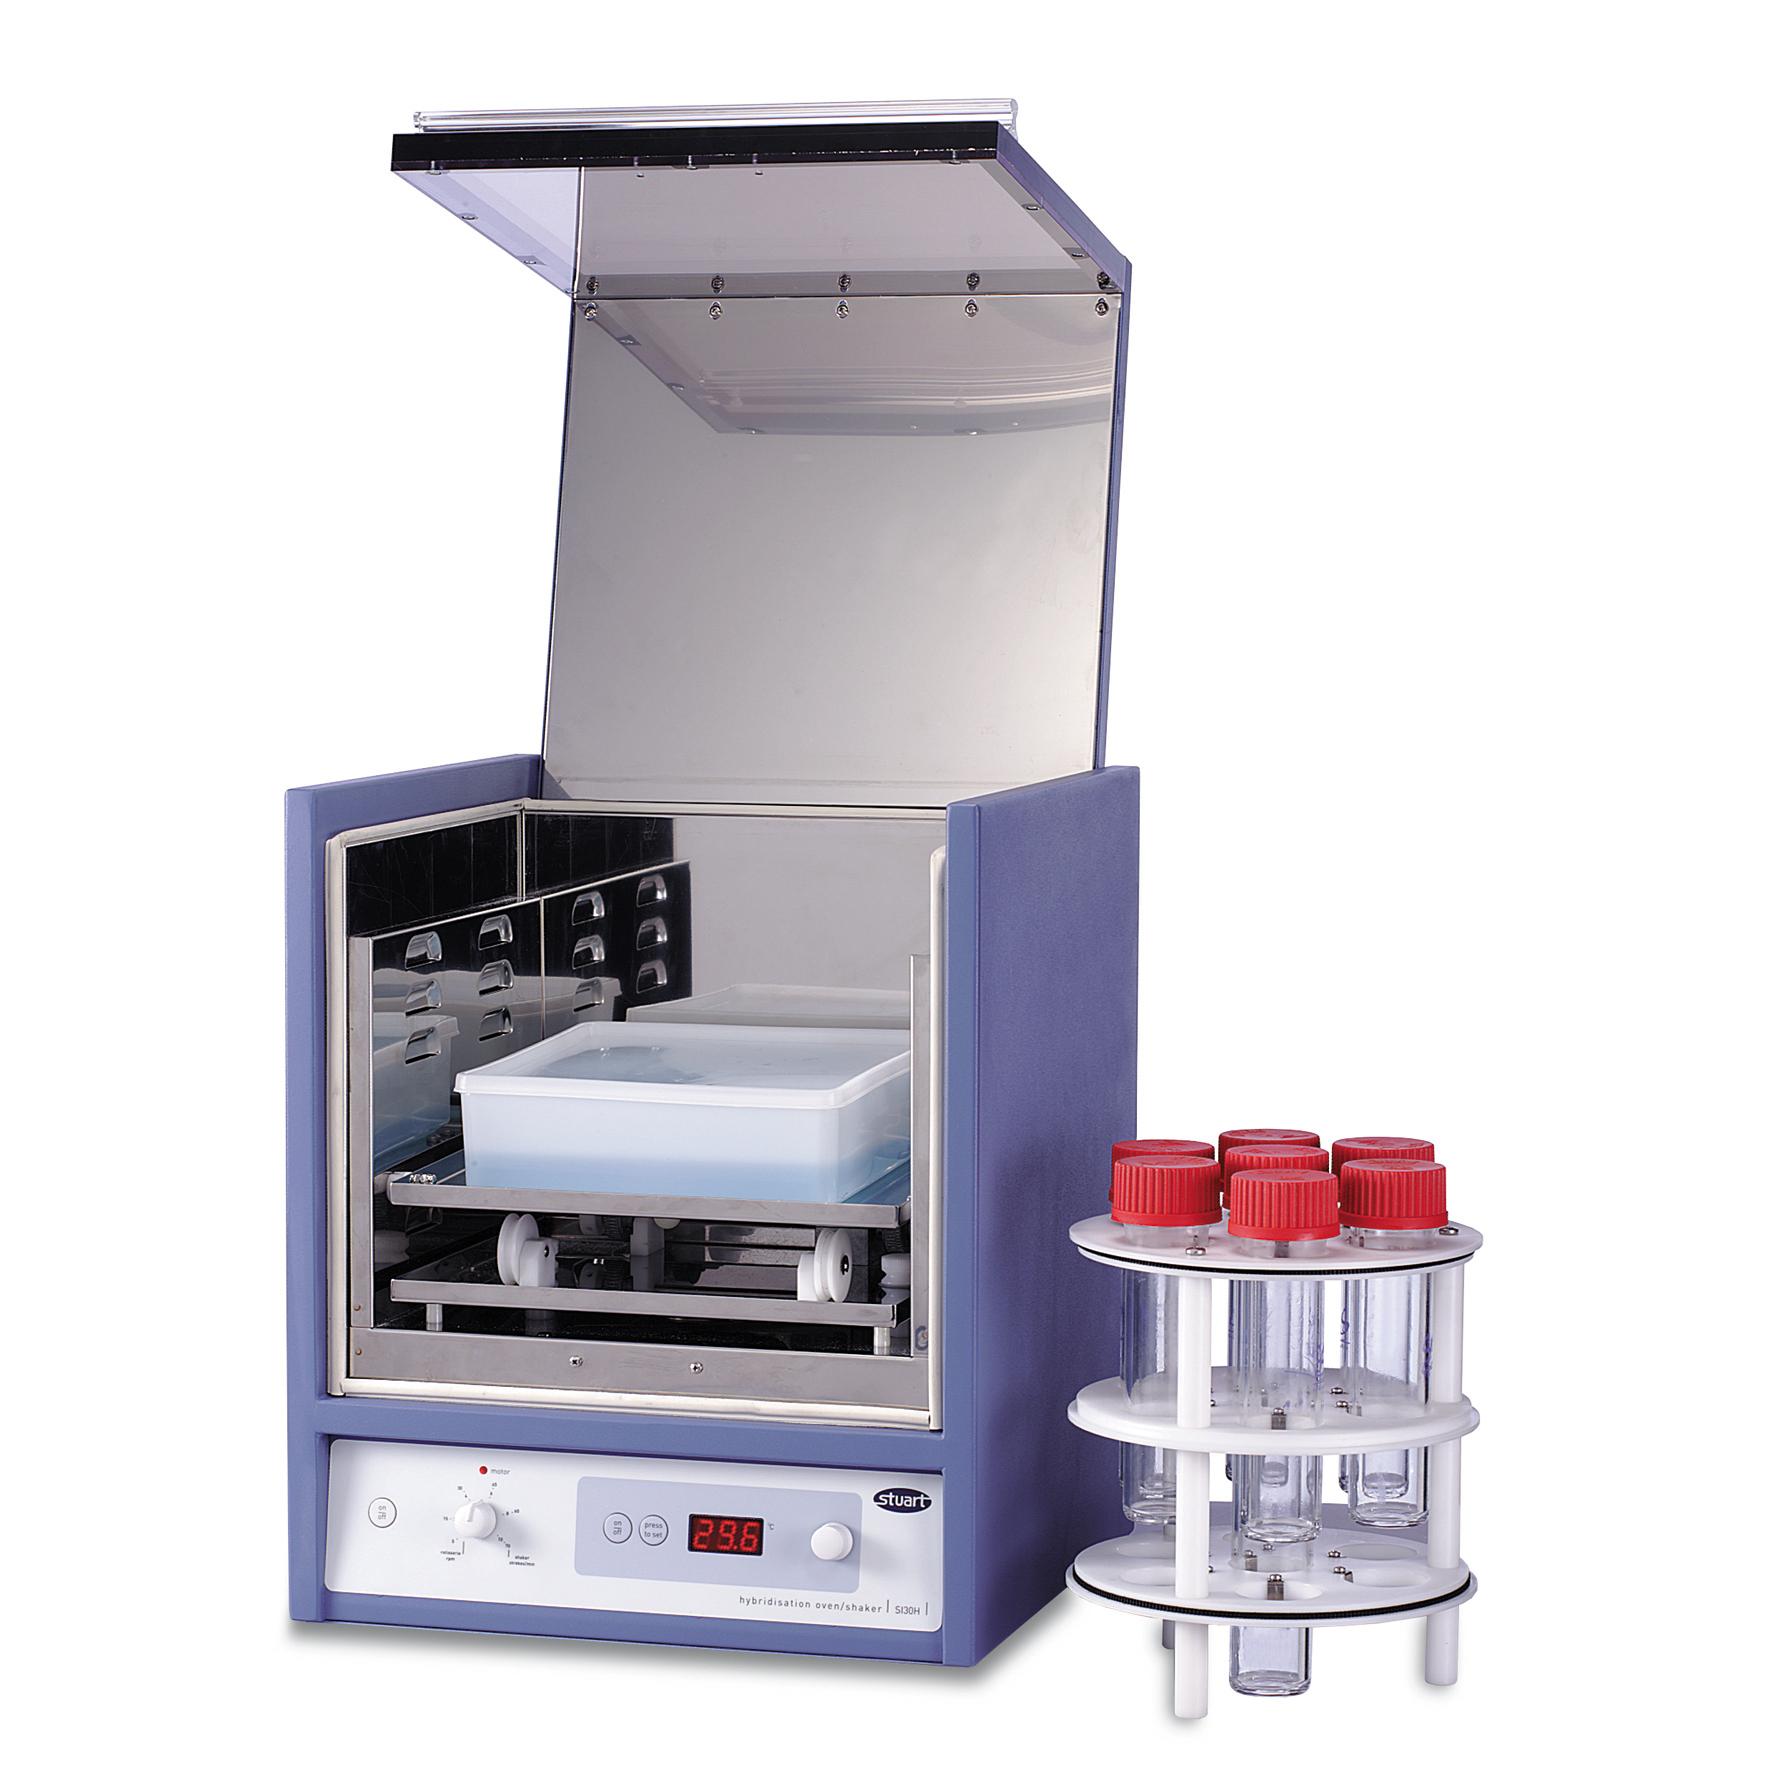 Hybridisation Oven, SI30H, Stuart